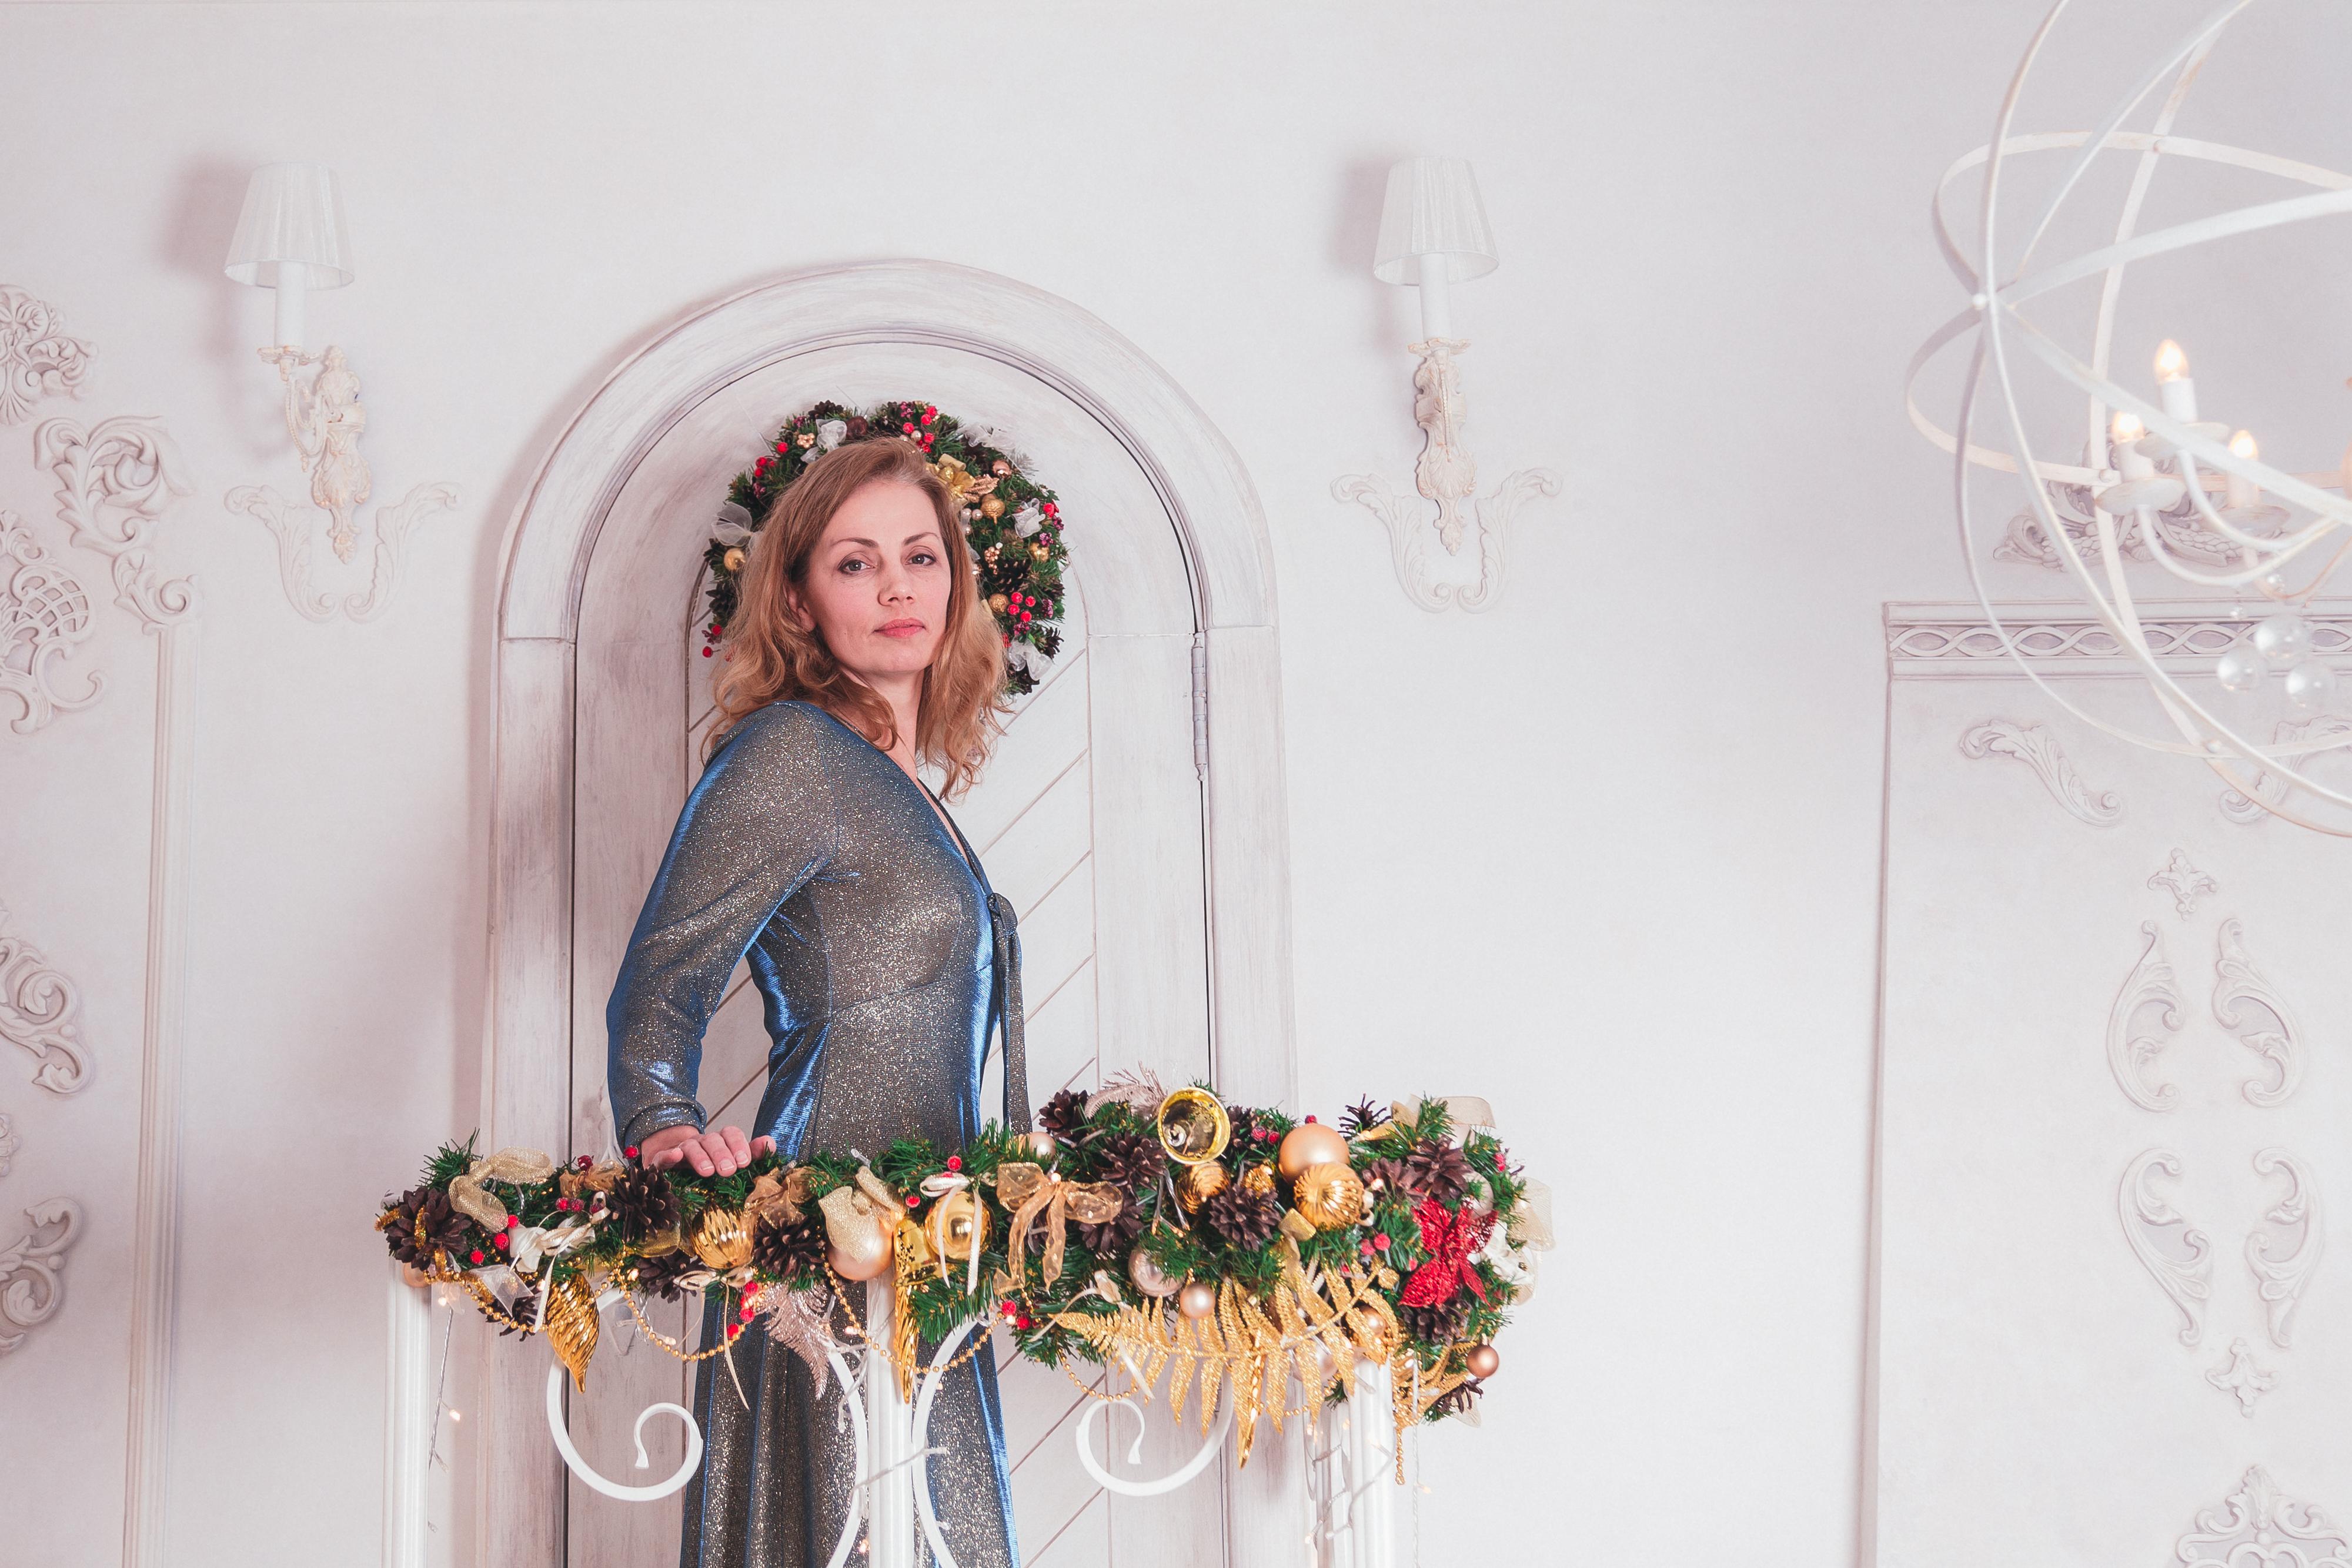 ea3821beebc3e0 Новорічні сукня і маска для зустрічі і фотосесії Київського клубу - фото 2